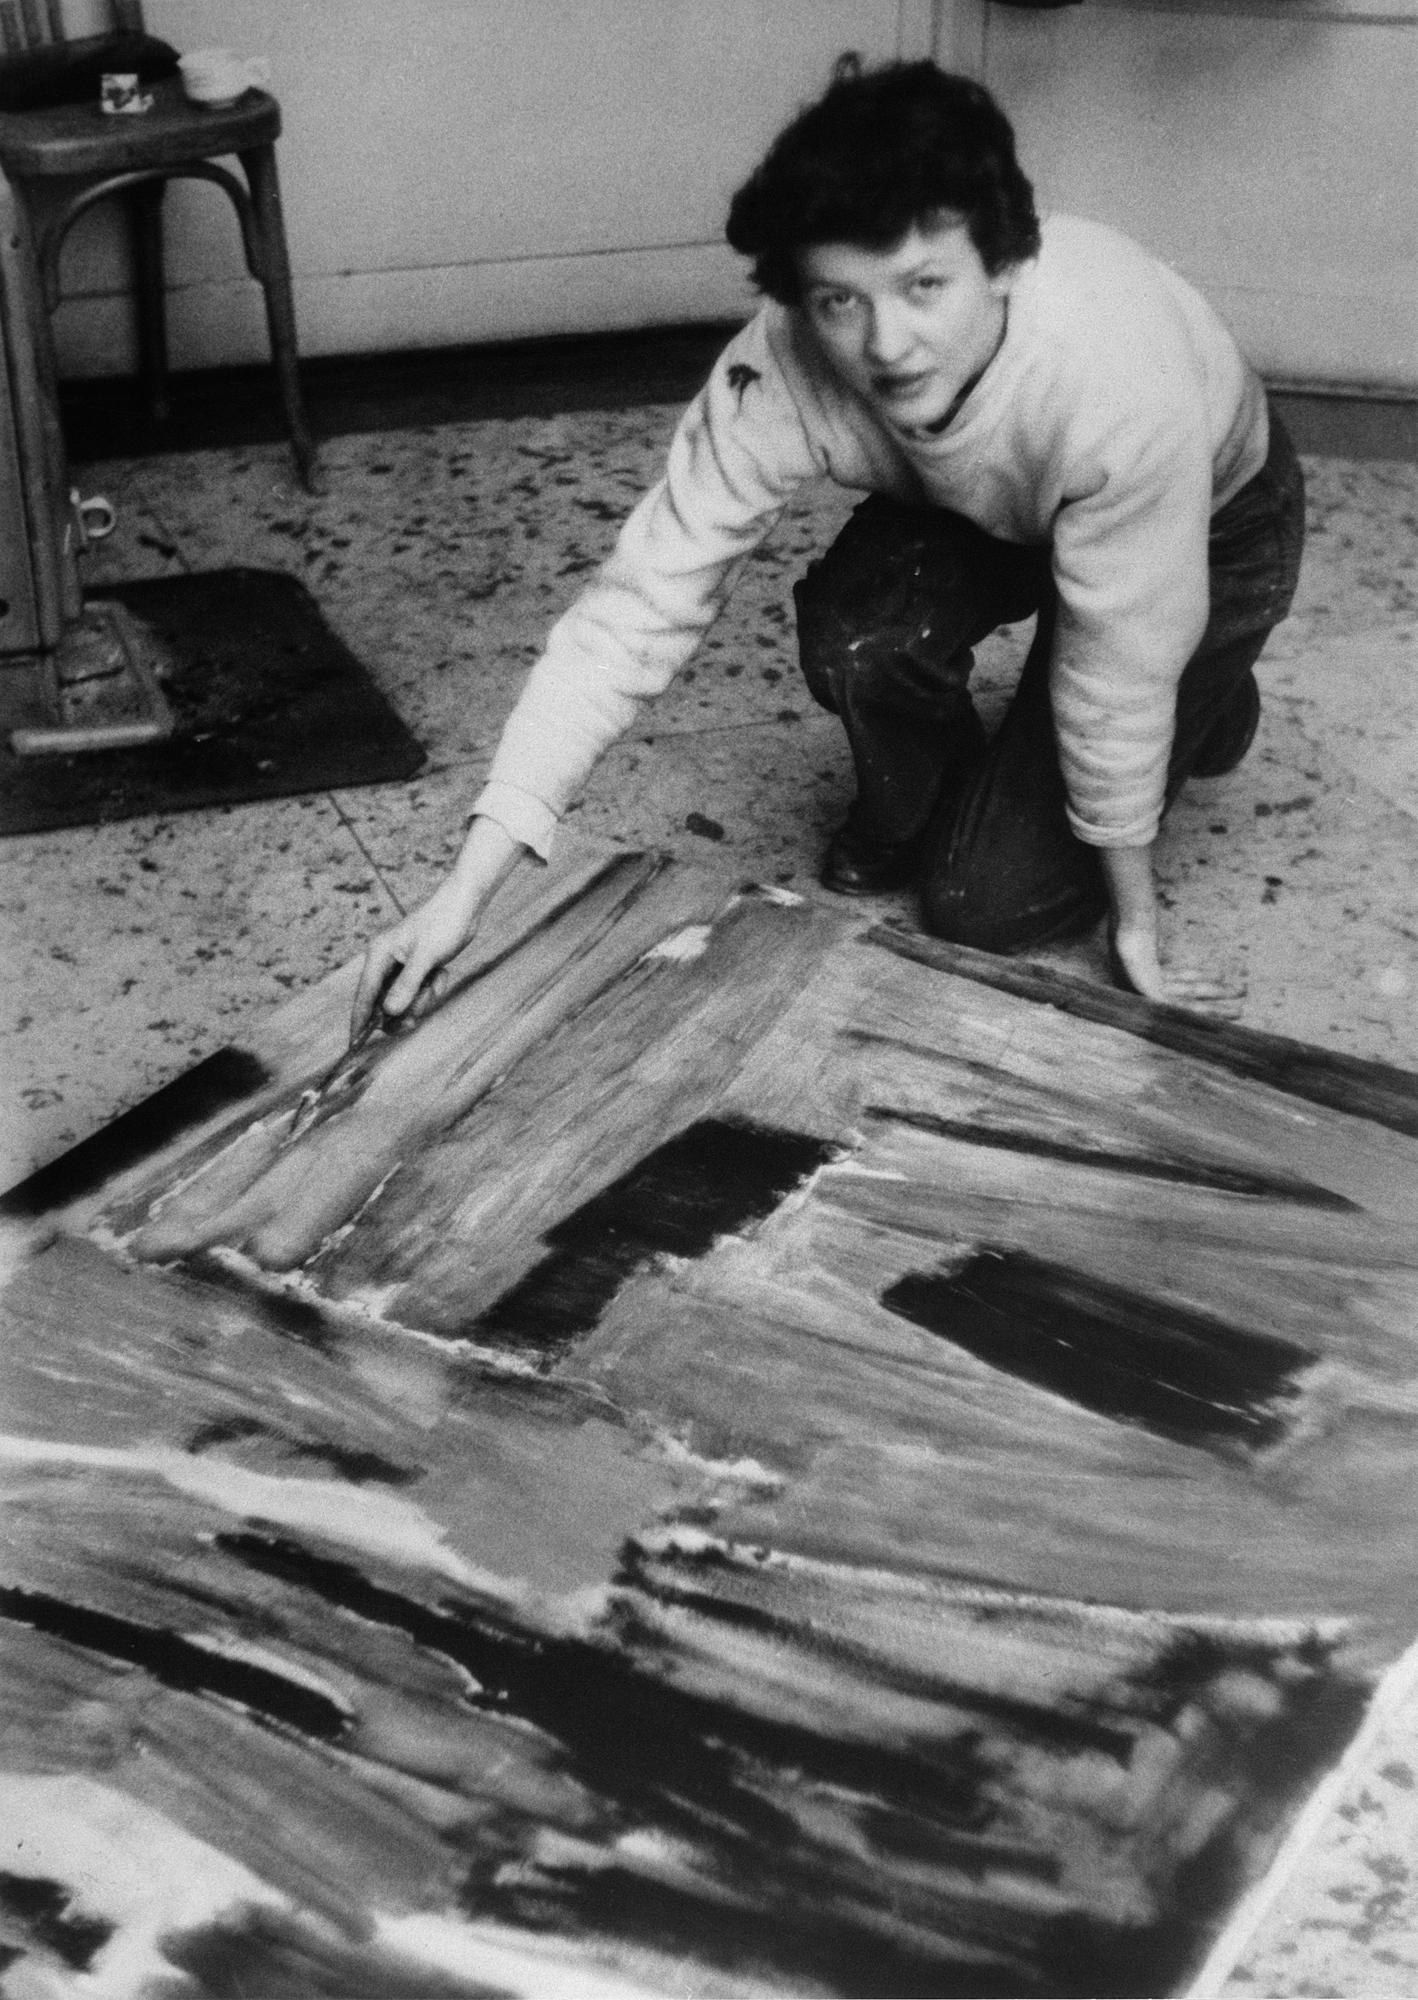 lois frederick - portrait photography 1953 1954